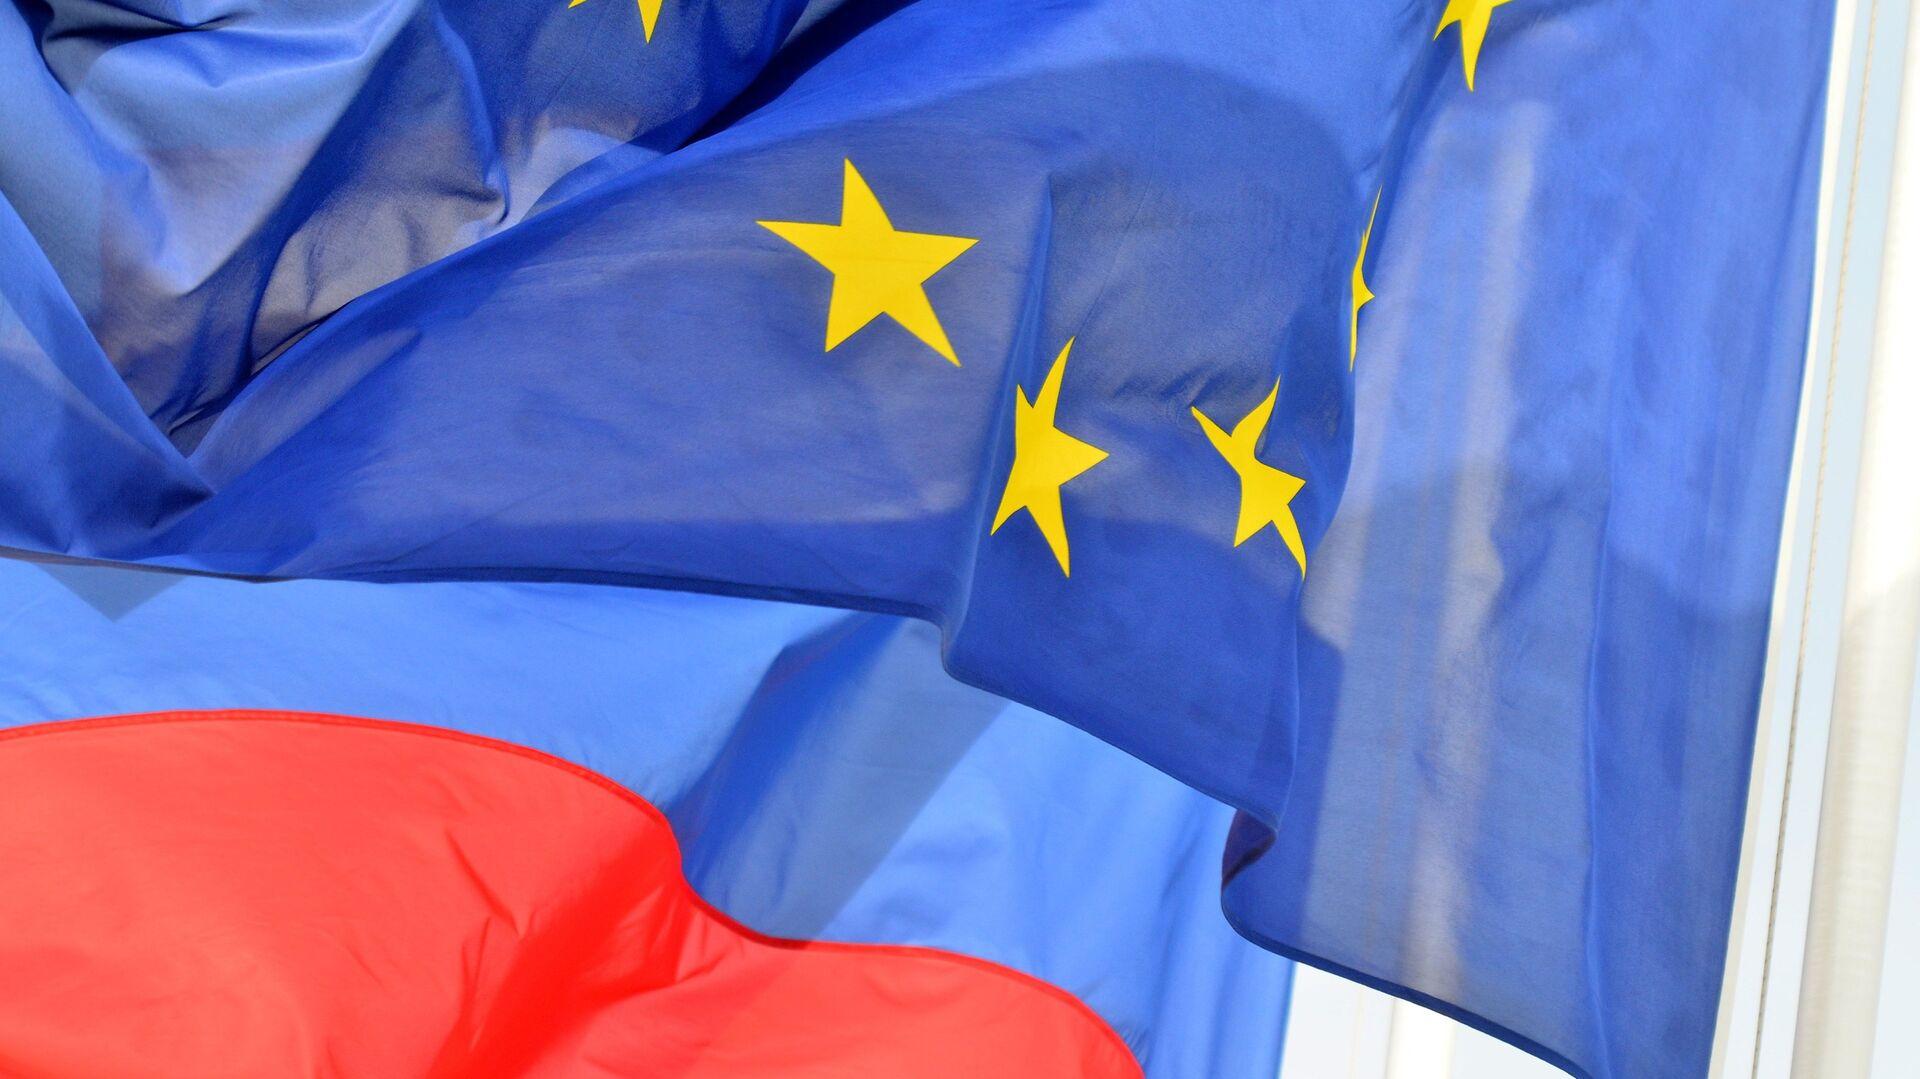 Stosunki między Rosją a UE - Sputnik Polska, 1920, 24.06.2021